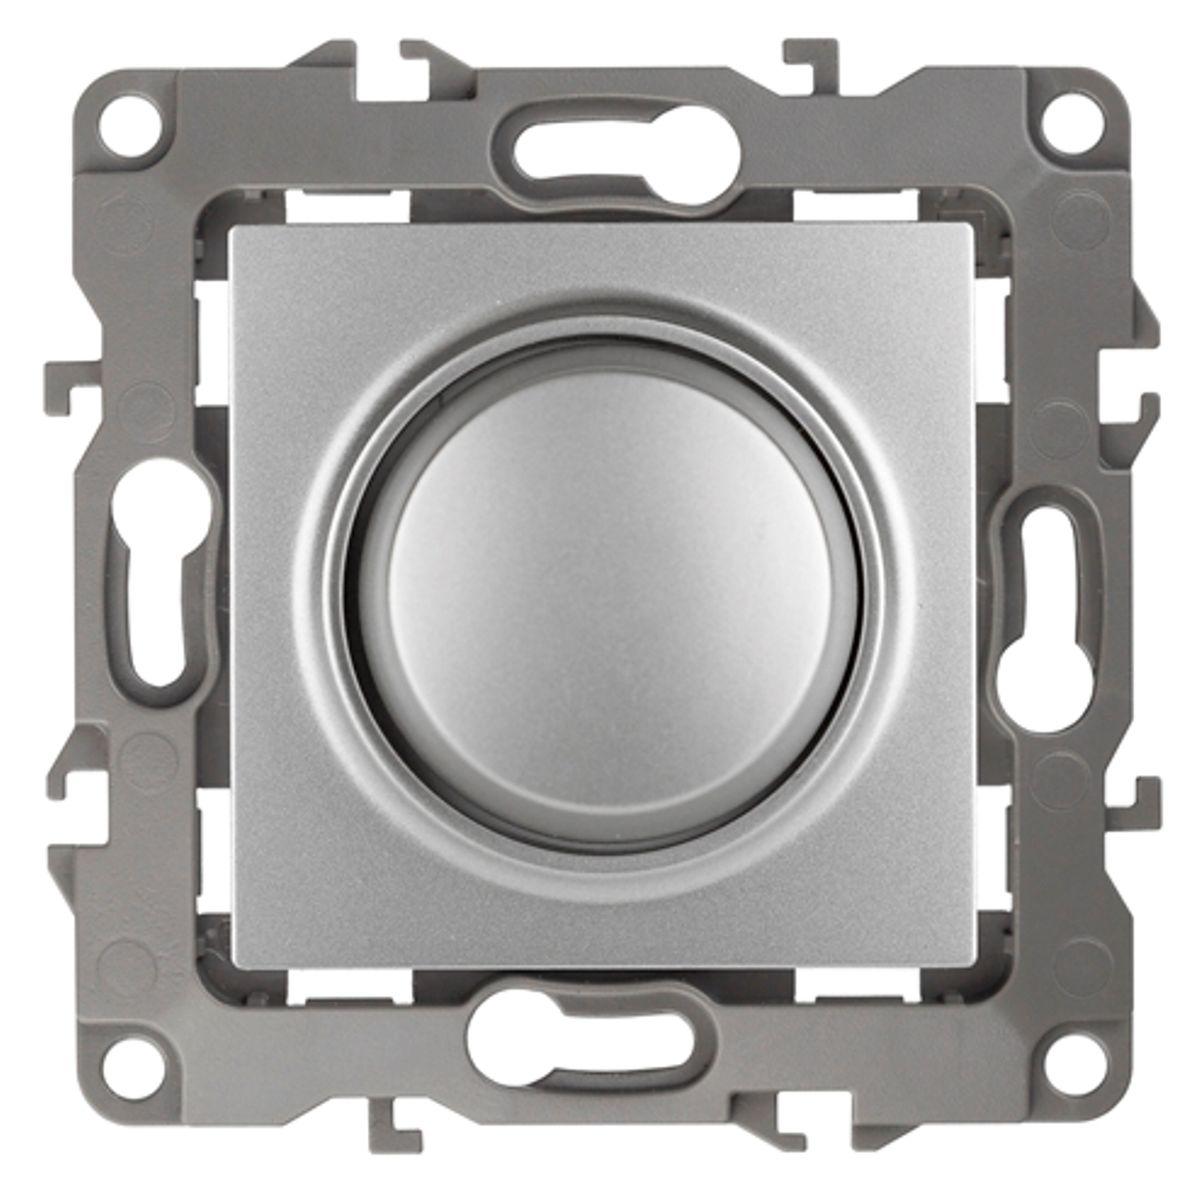 """Светорегулятор поворотно-нажимной """"ЭРА"""", цвет: серый. 12-4101 12-4101-03"""